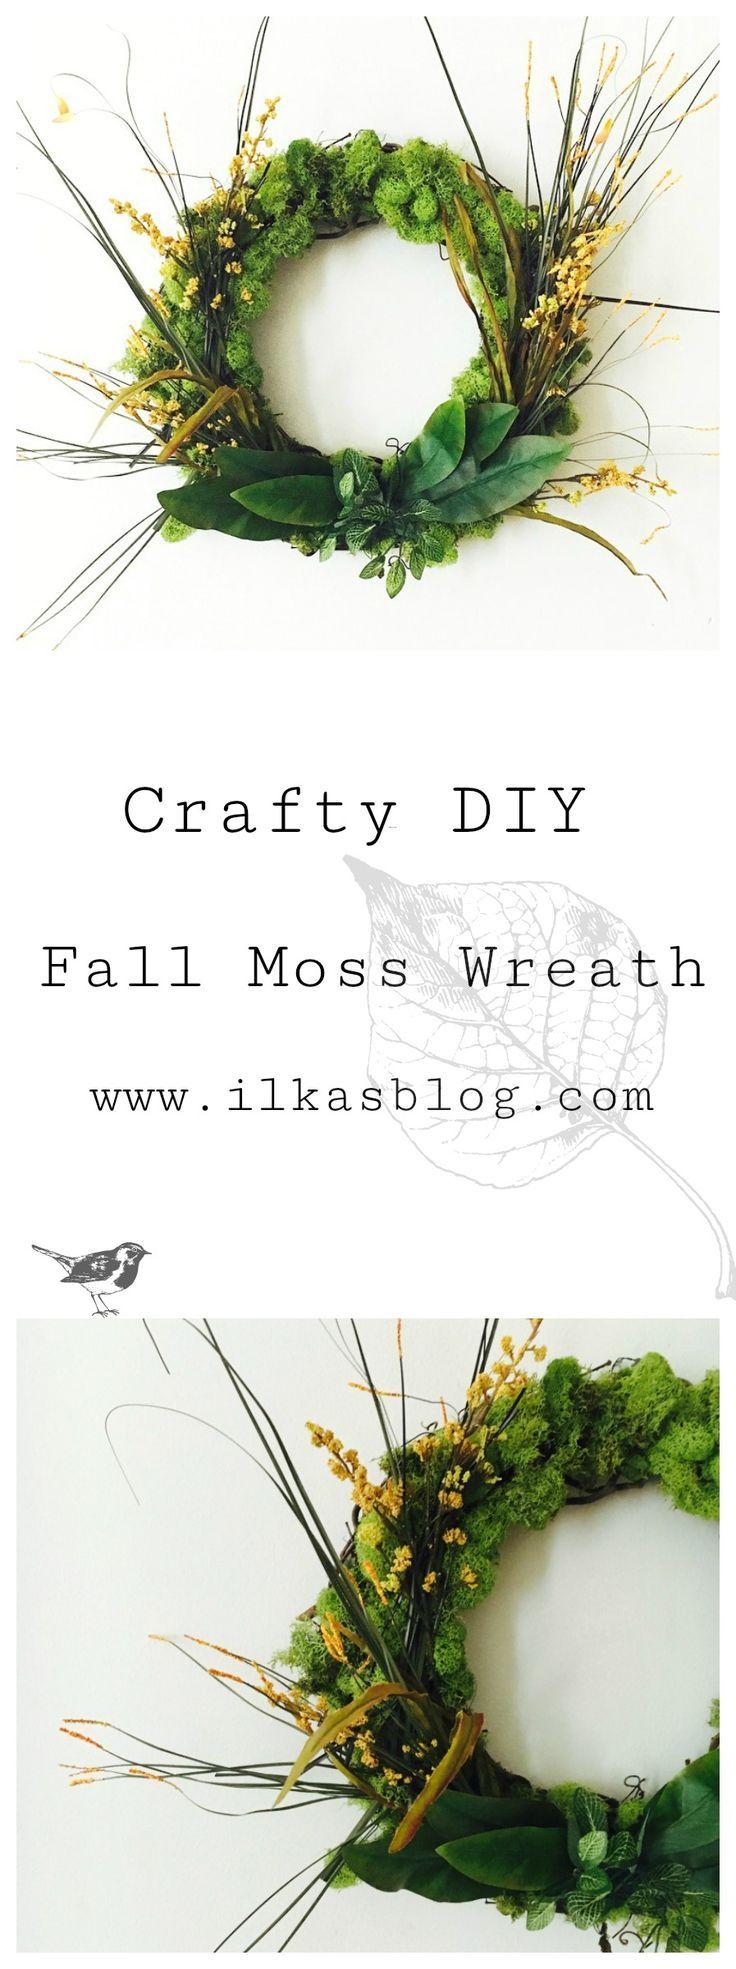 An easy to follow DIY Craft Idea